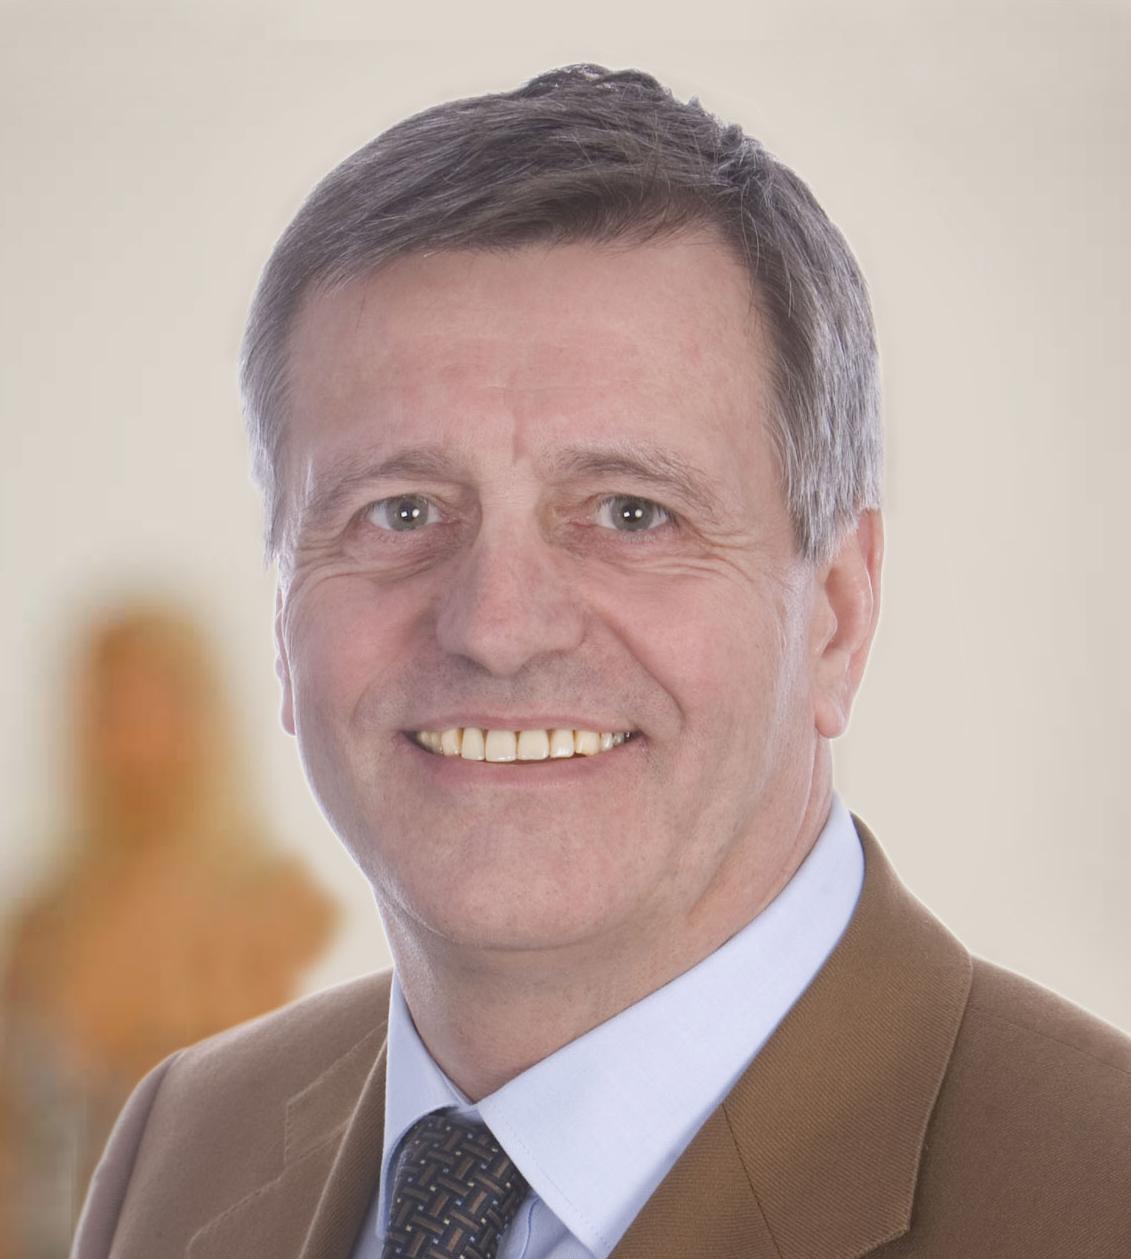 Reinhard Pöhler